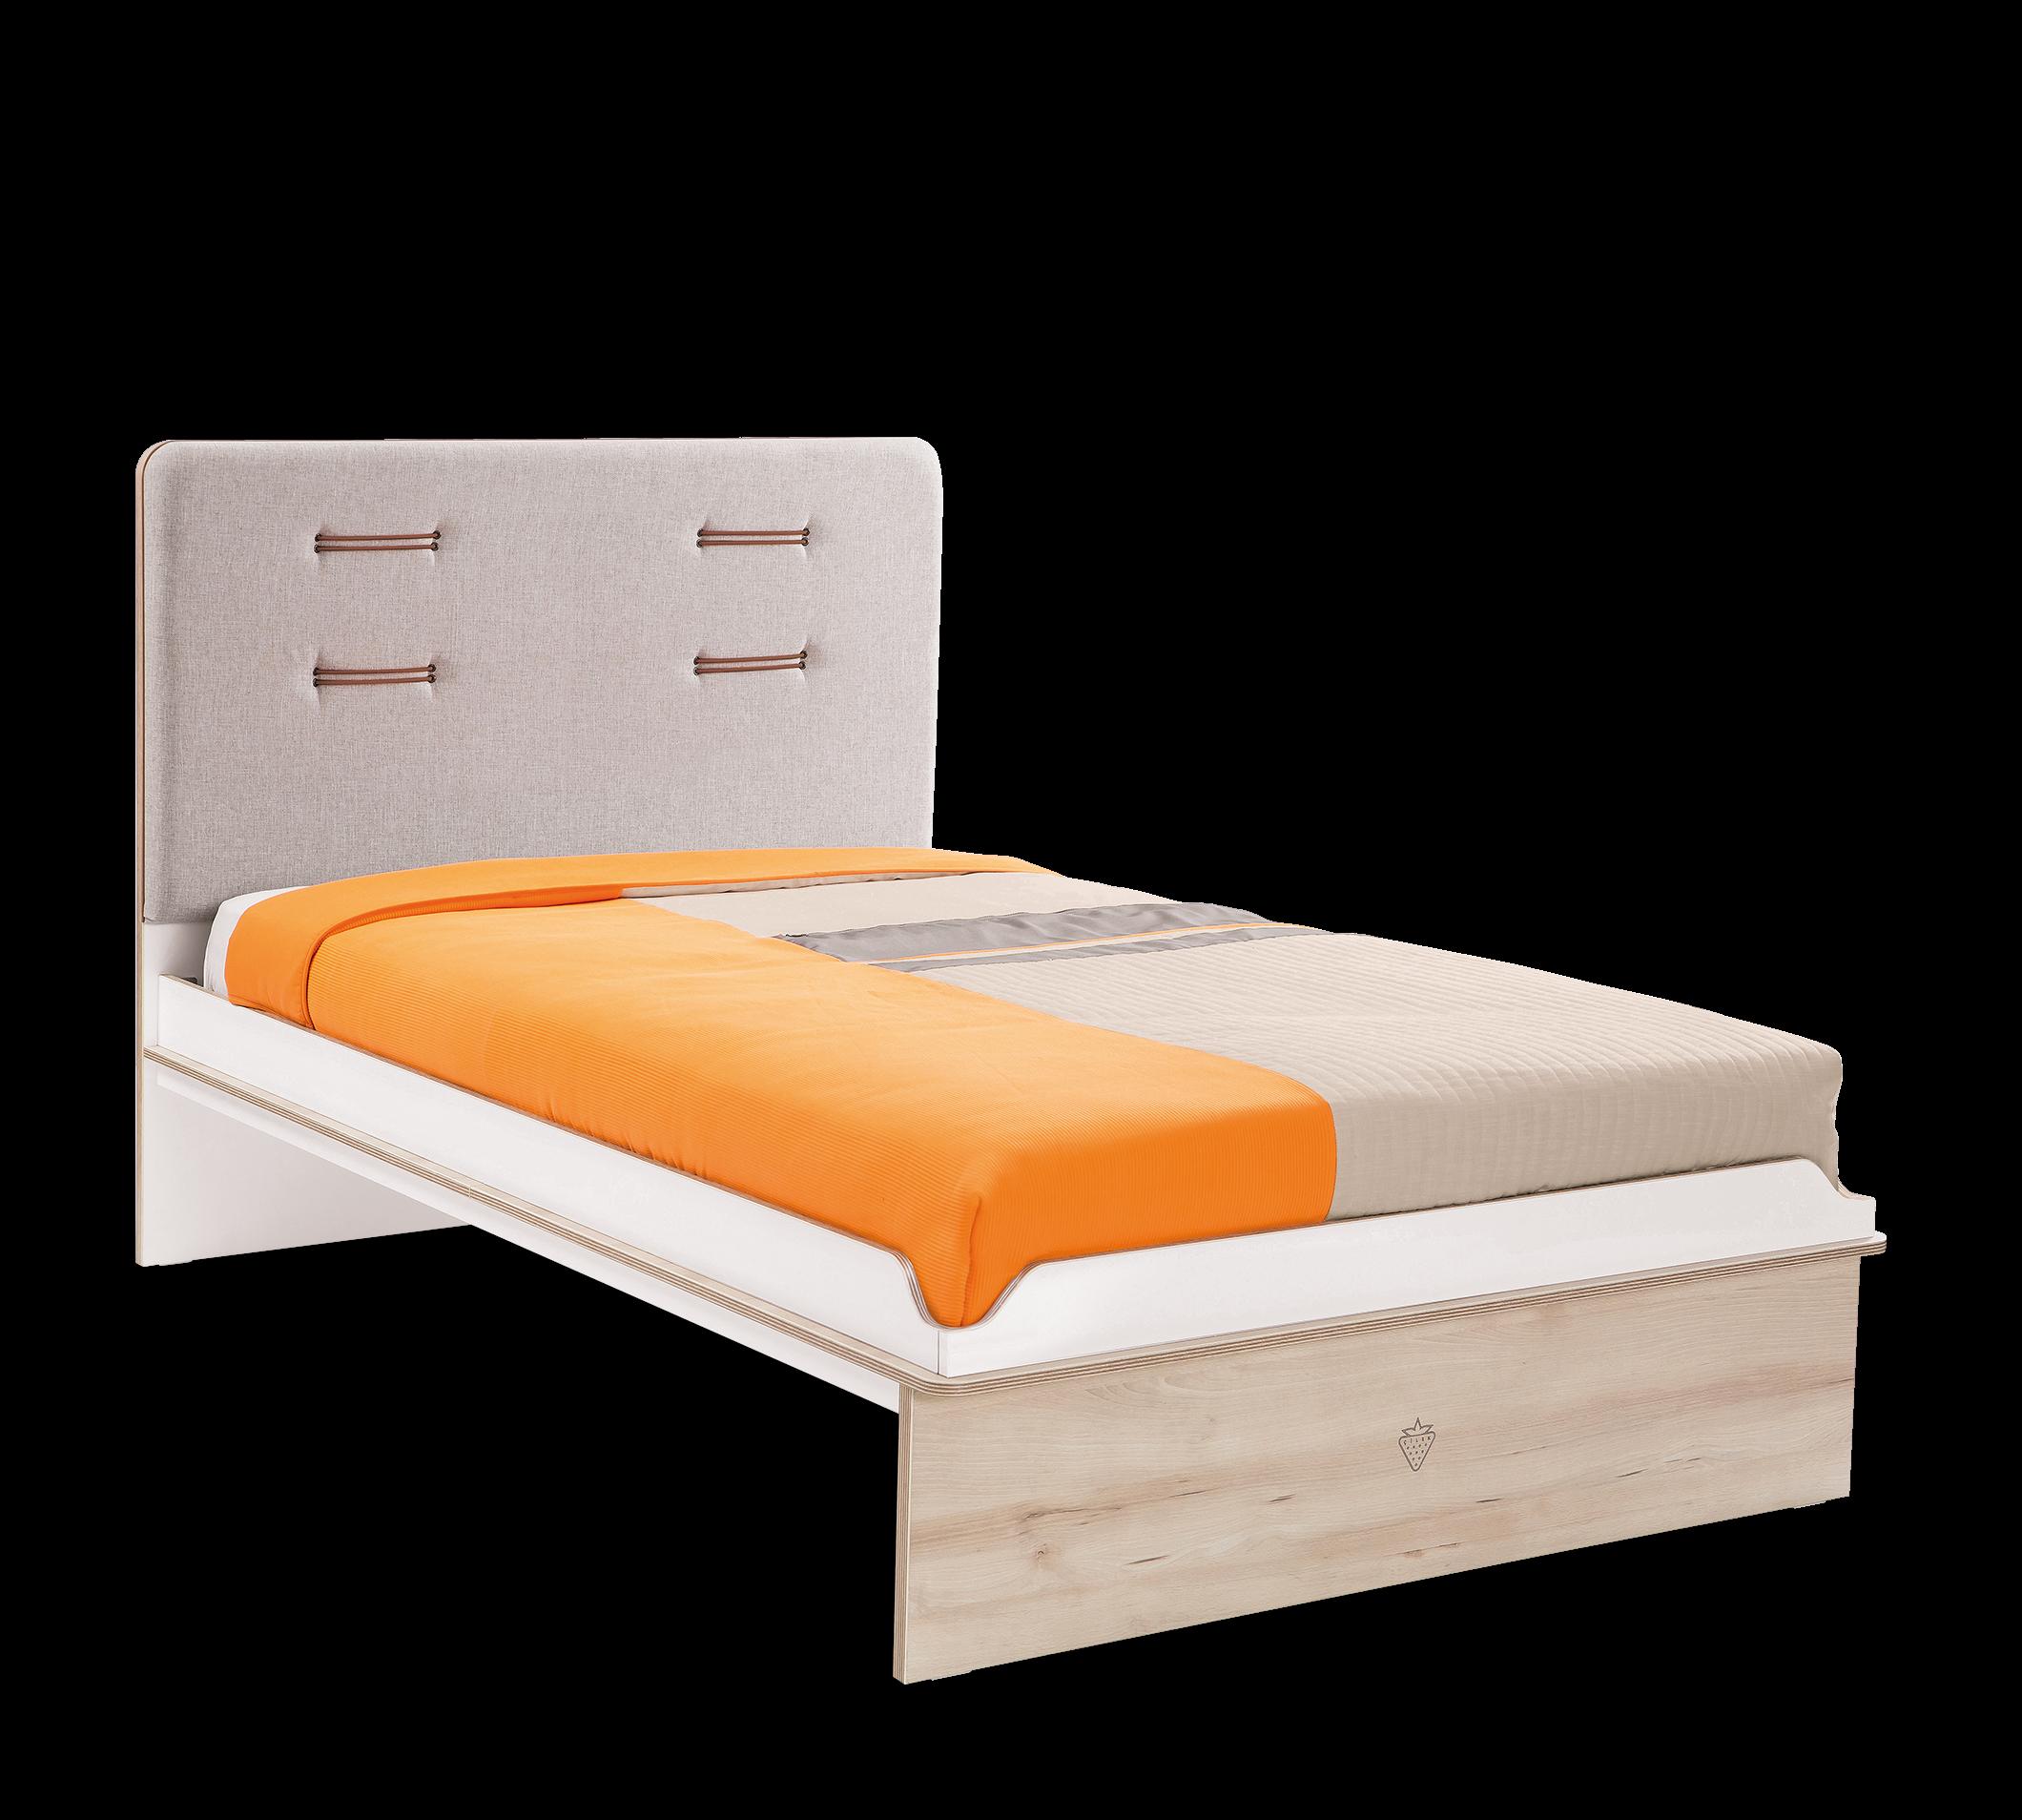 Full Size of Bett 120x200 Dynamic Cm Lek 160x200 Komplett Konfigurieren Altes Halbhohes Weiß Joop Betten Platzsparend Holz Nussbaum 180x200 Mit Bettkasten Massivholz Such Bett Bett 120x200